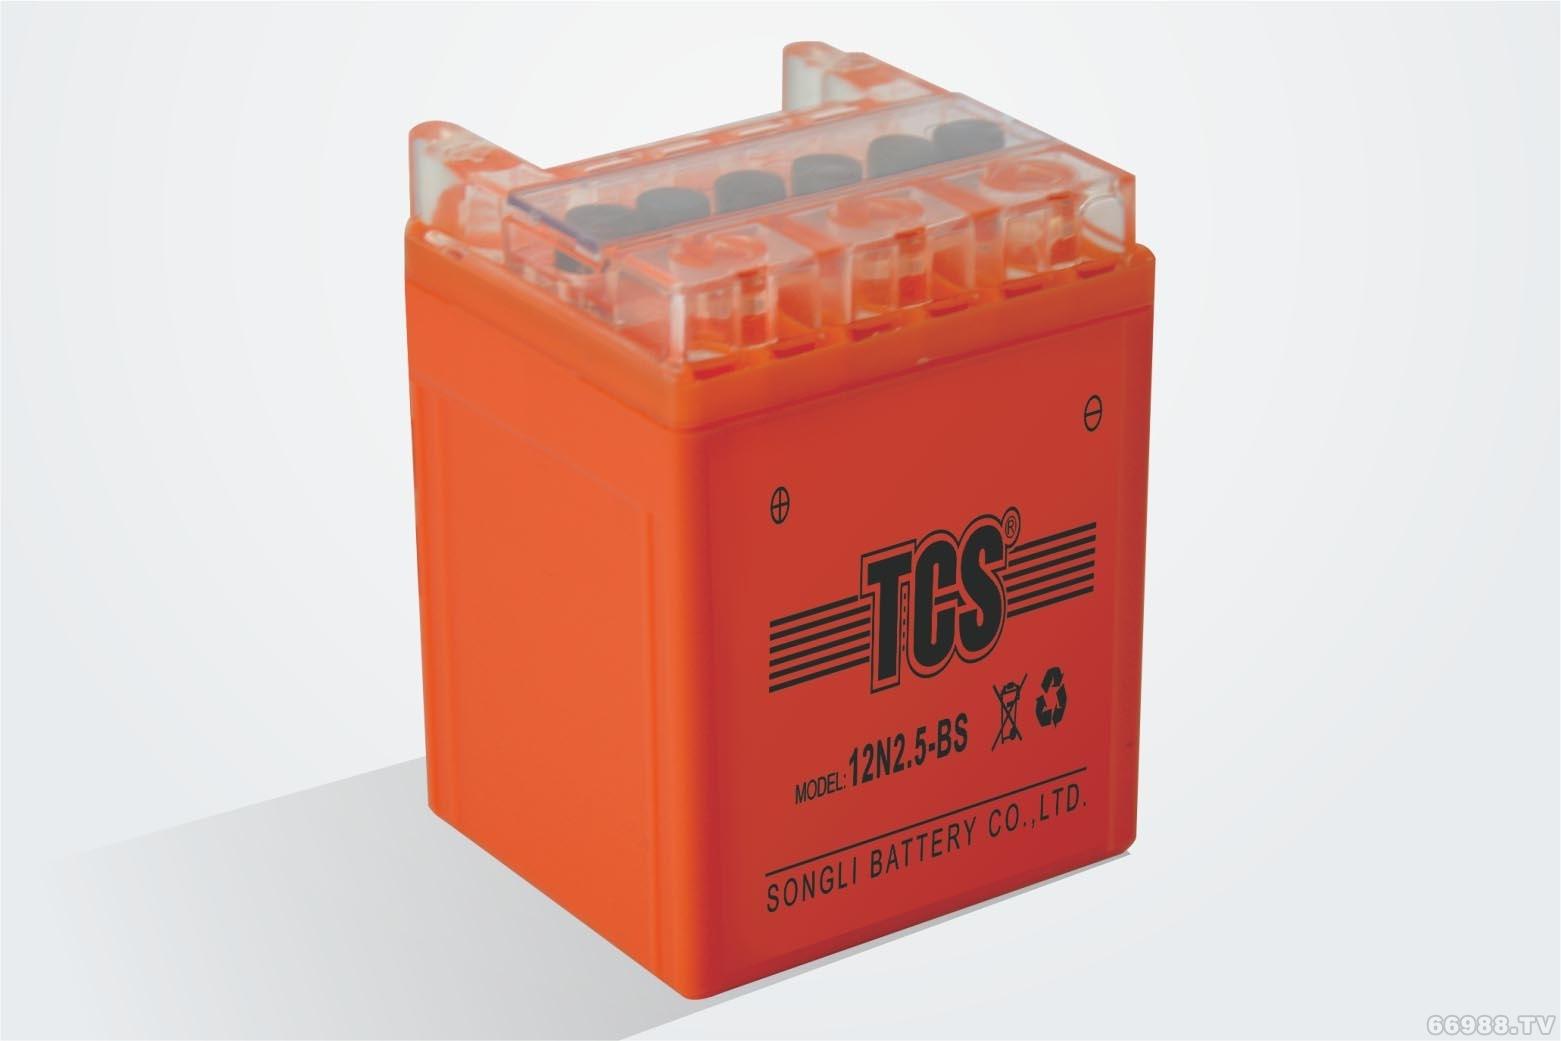 松立密封式胶体蓄电池TCS 12N2.5-BS